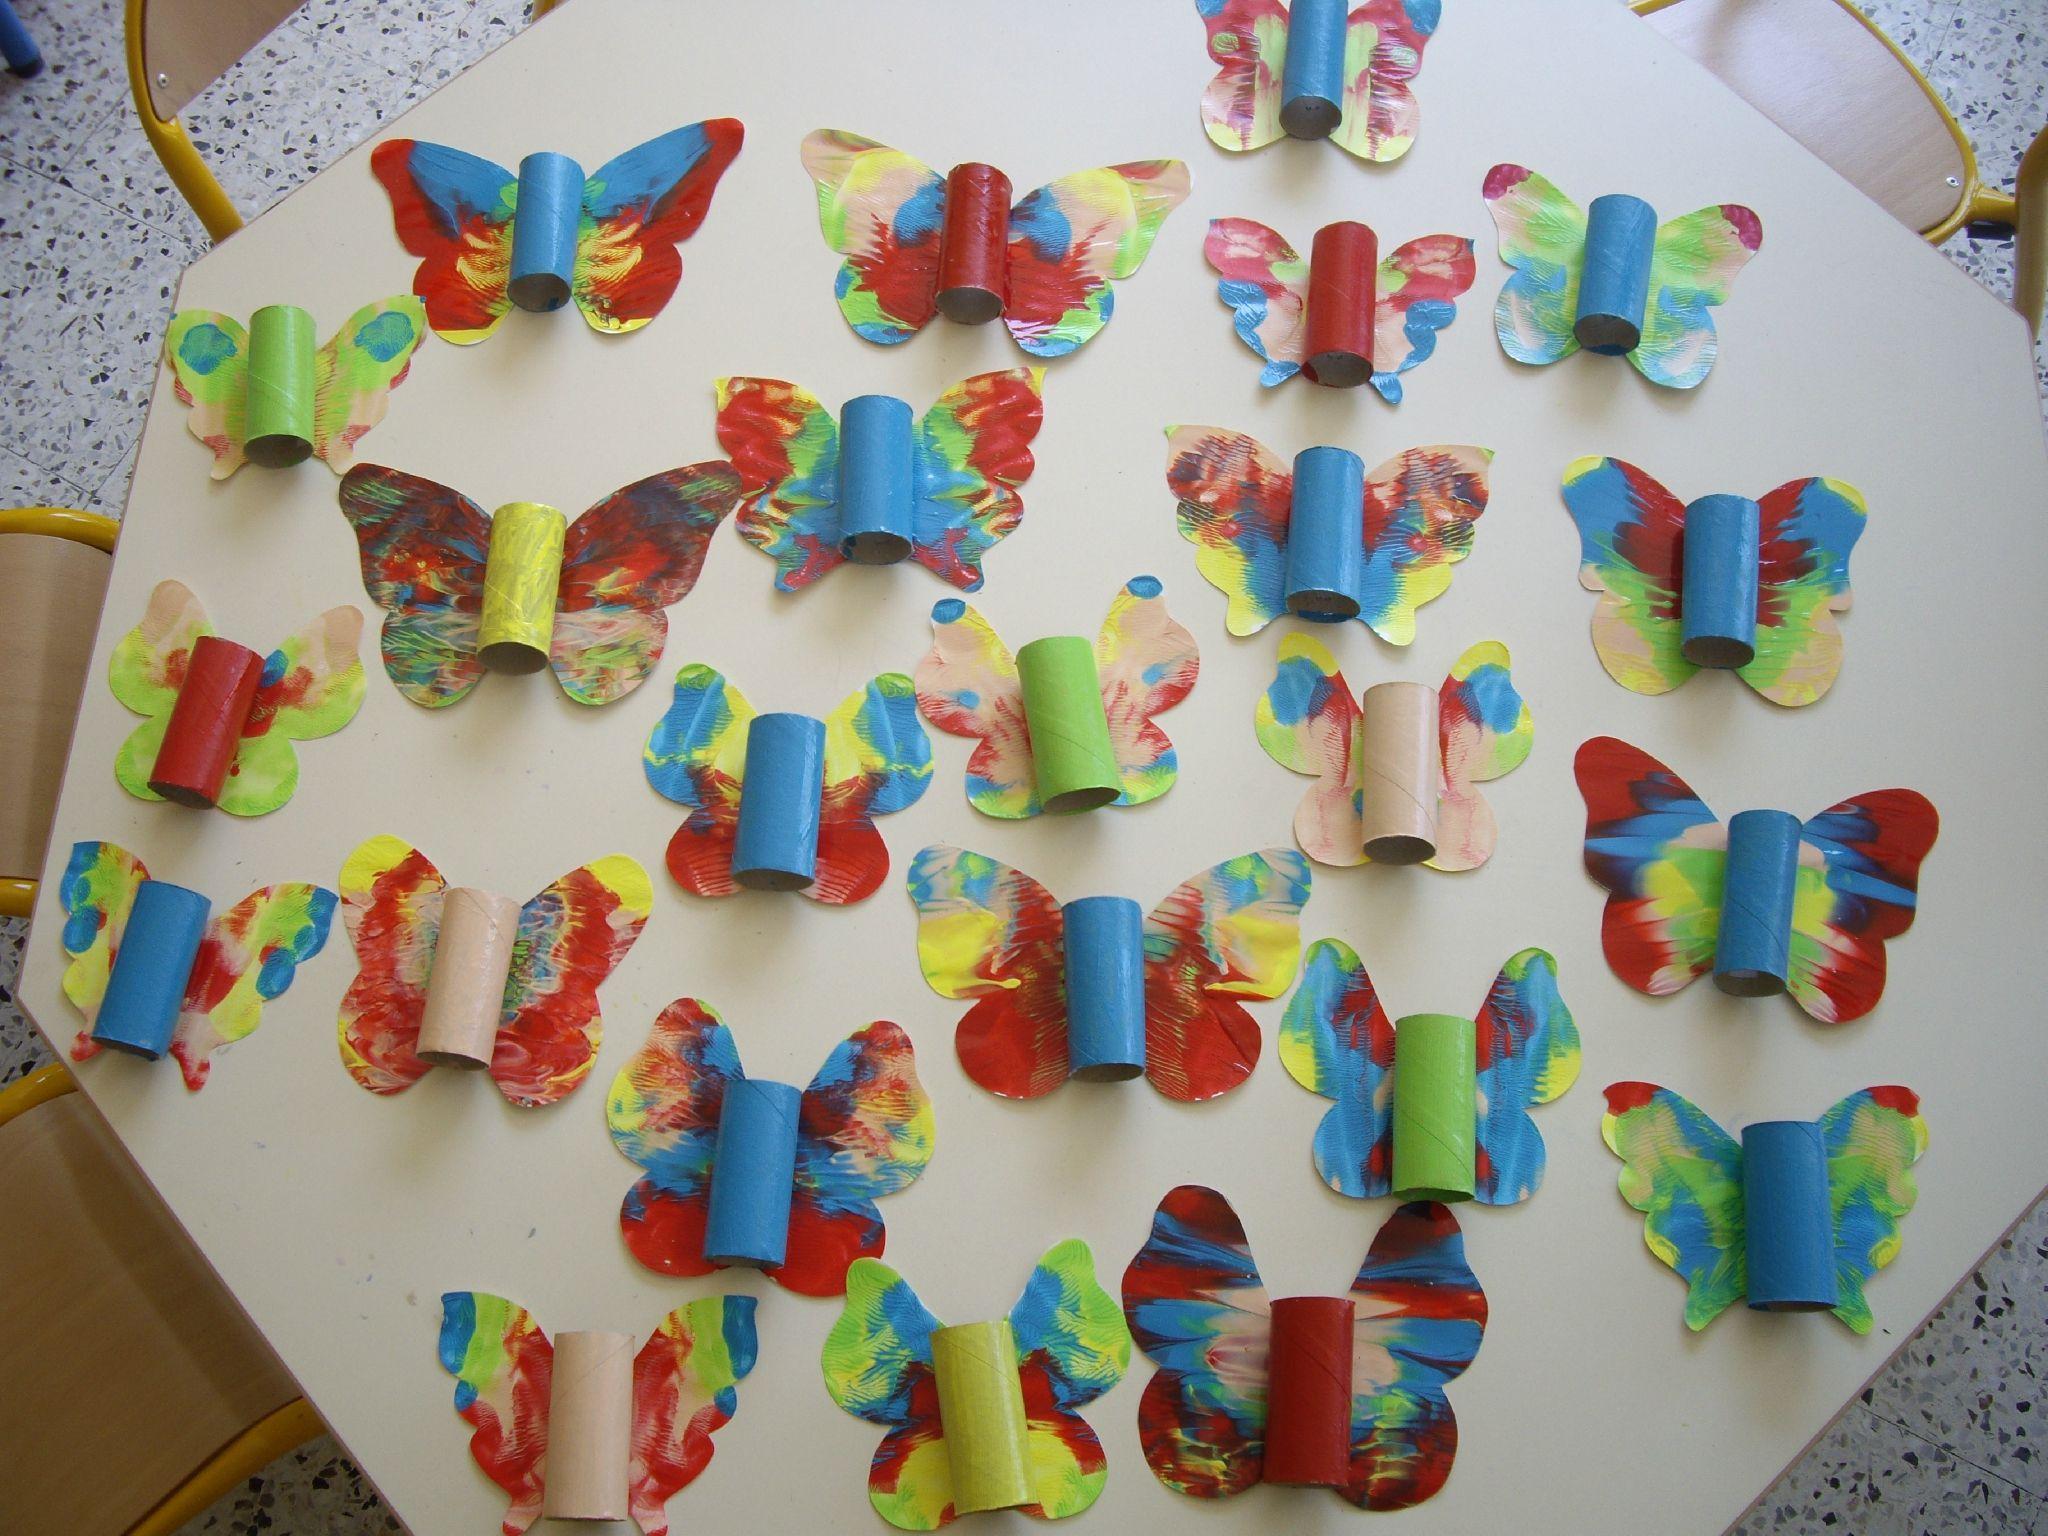 Des papillon en 3D - ☺Arts visuels en maternelle☺ (avec images)   Arts visuels, Papillon, Art